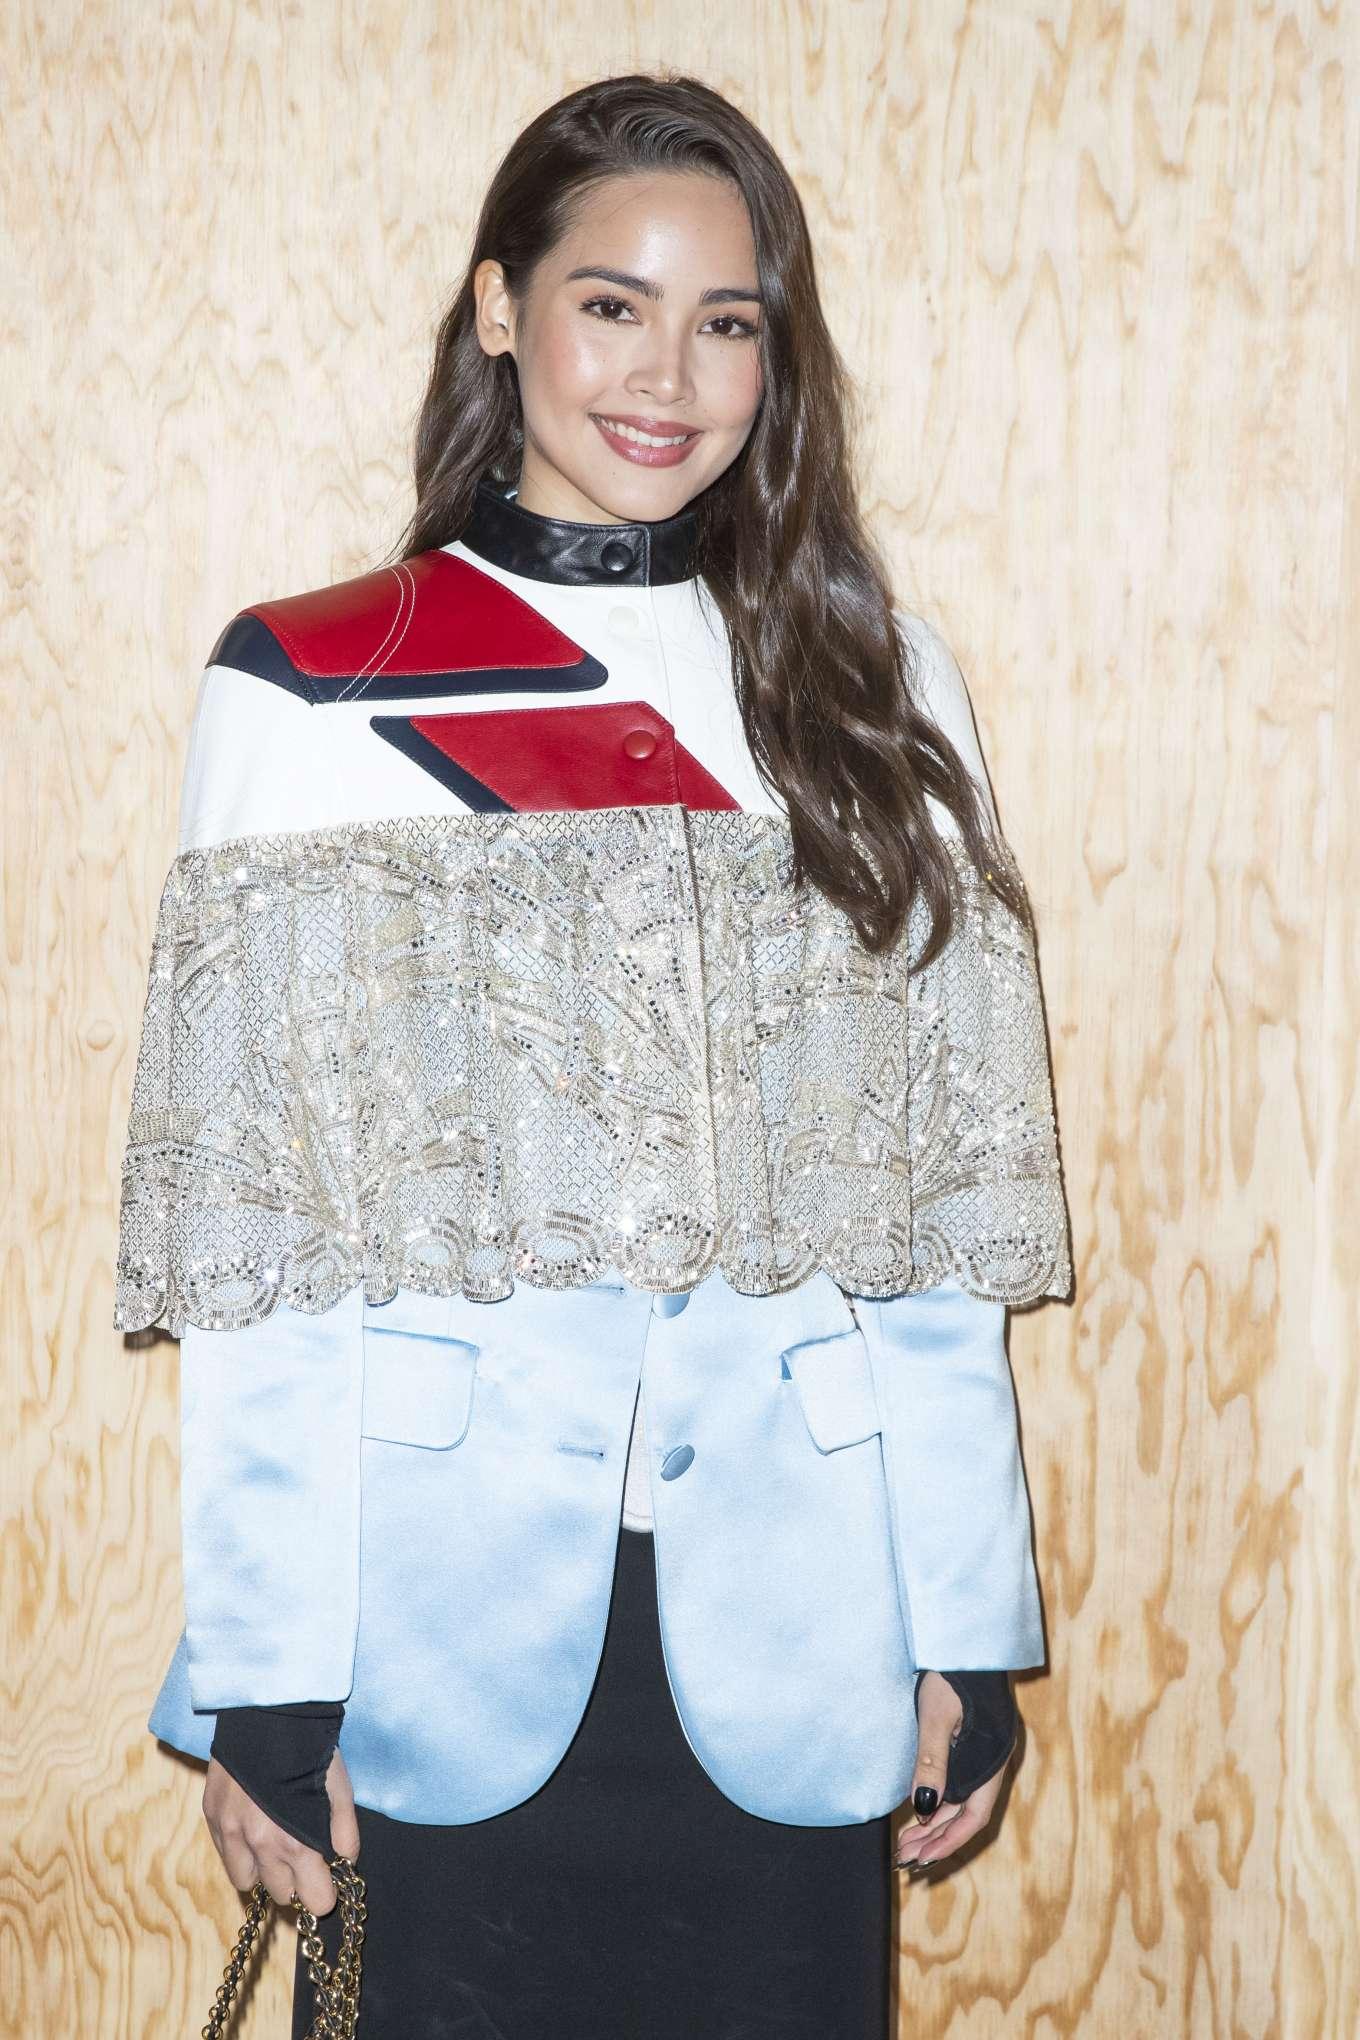 Urassaya Sperbund - Louis Vuitton Womenswear SS 2020 Show at Paris Fashion Week